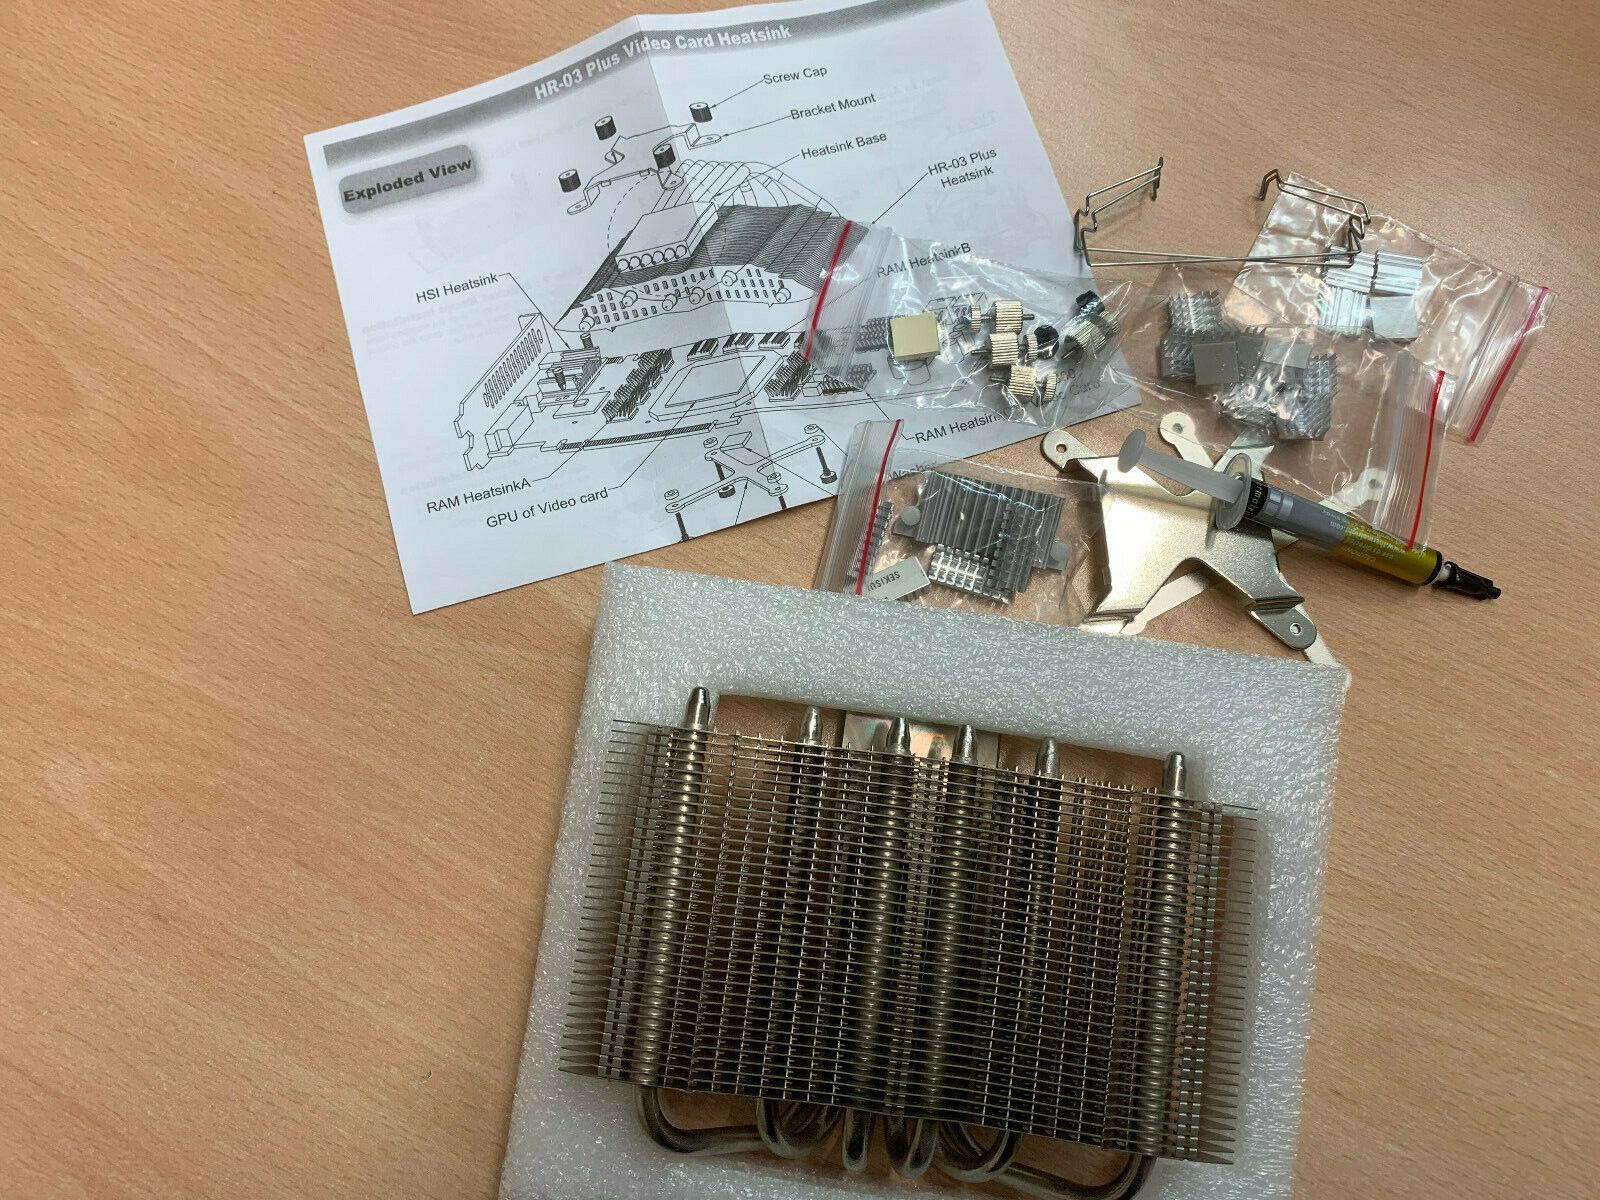 Grafikkarten-Lüfter Cooler THERMALRIGHT HR-03 Plus Video Card Heatsink - neu -